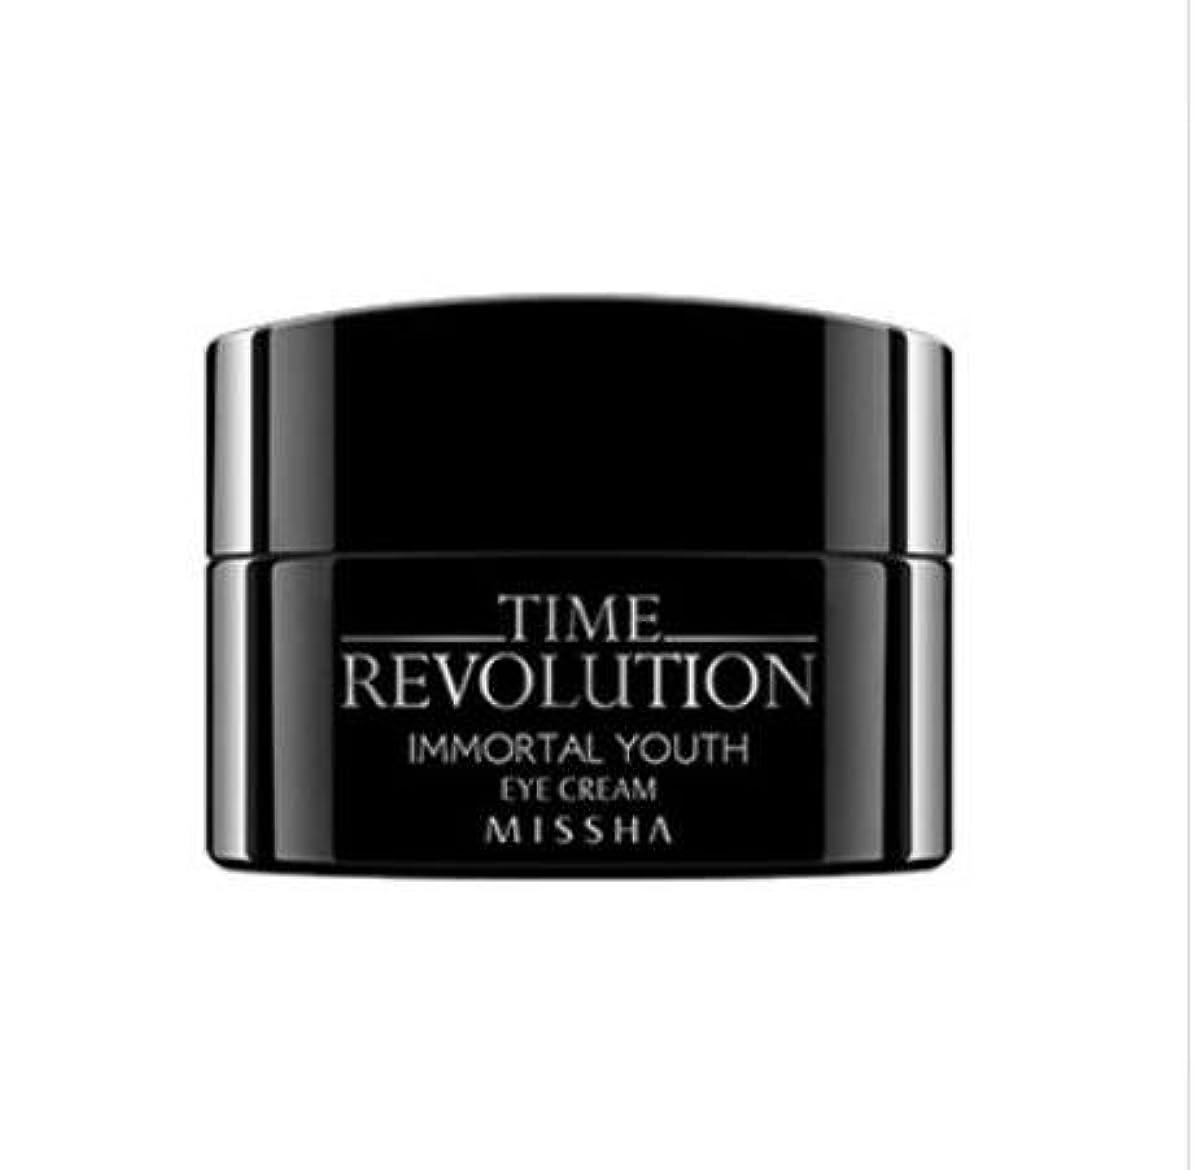 粒子導出覆す[ミシャ] Missha [タイムレボリューション イモタルユース アイクリーム](MISSHA Time Revolution Immortal Youth Eye Cream) [並行輸入品]